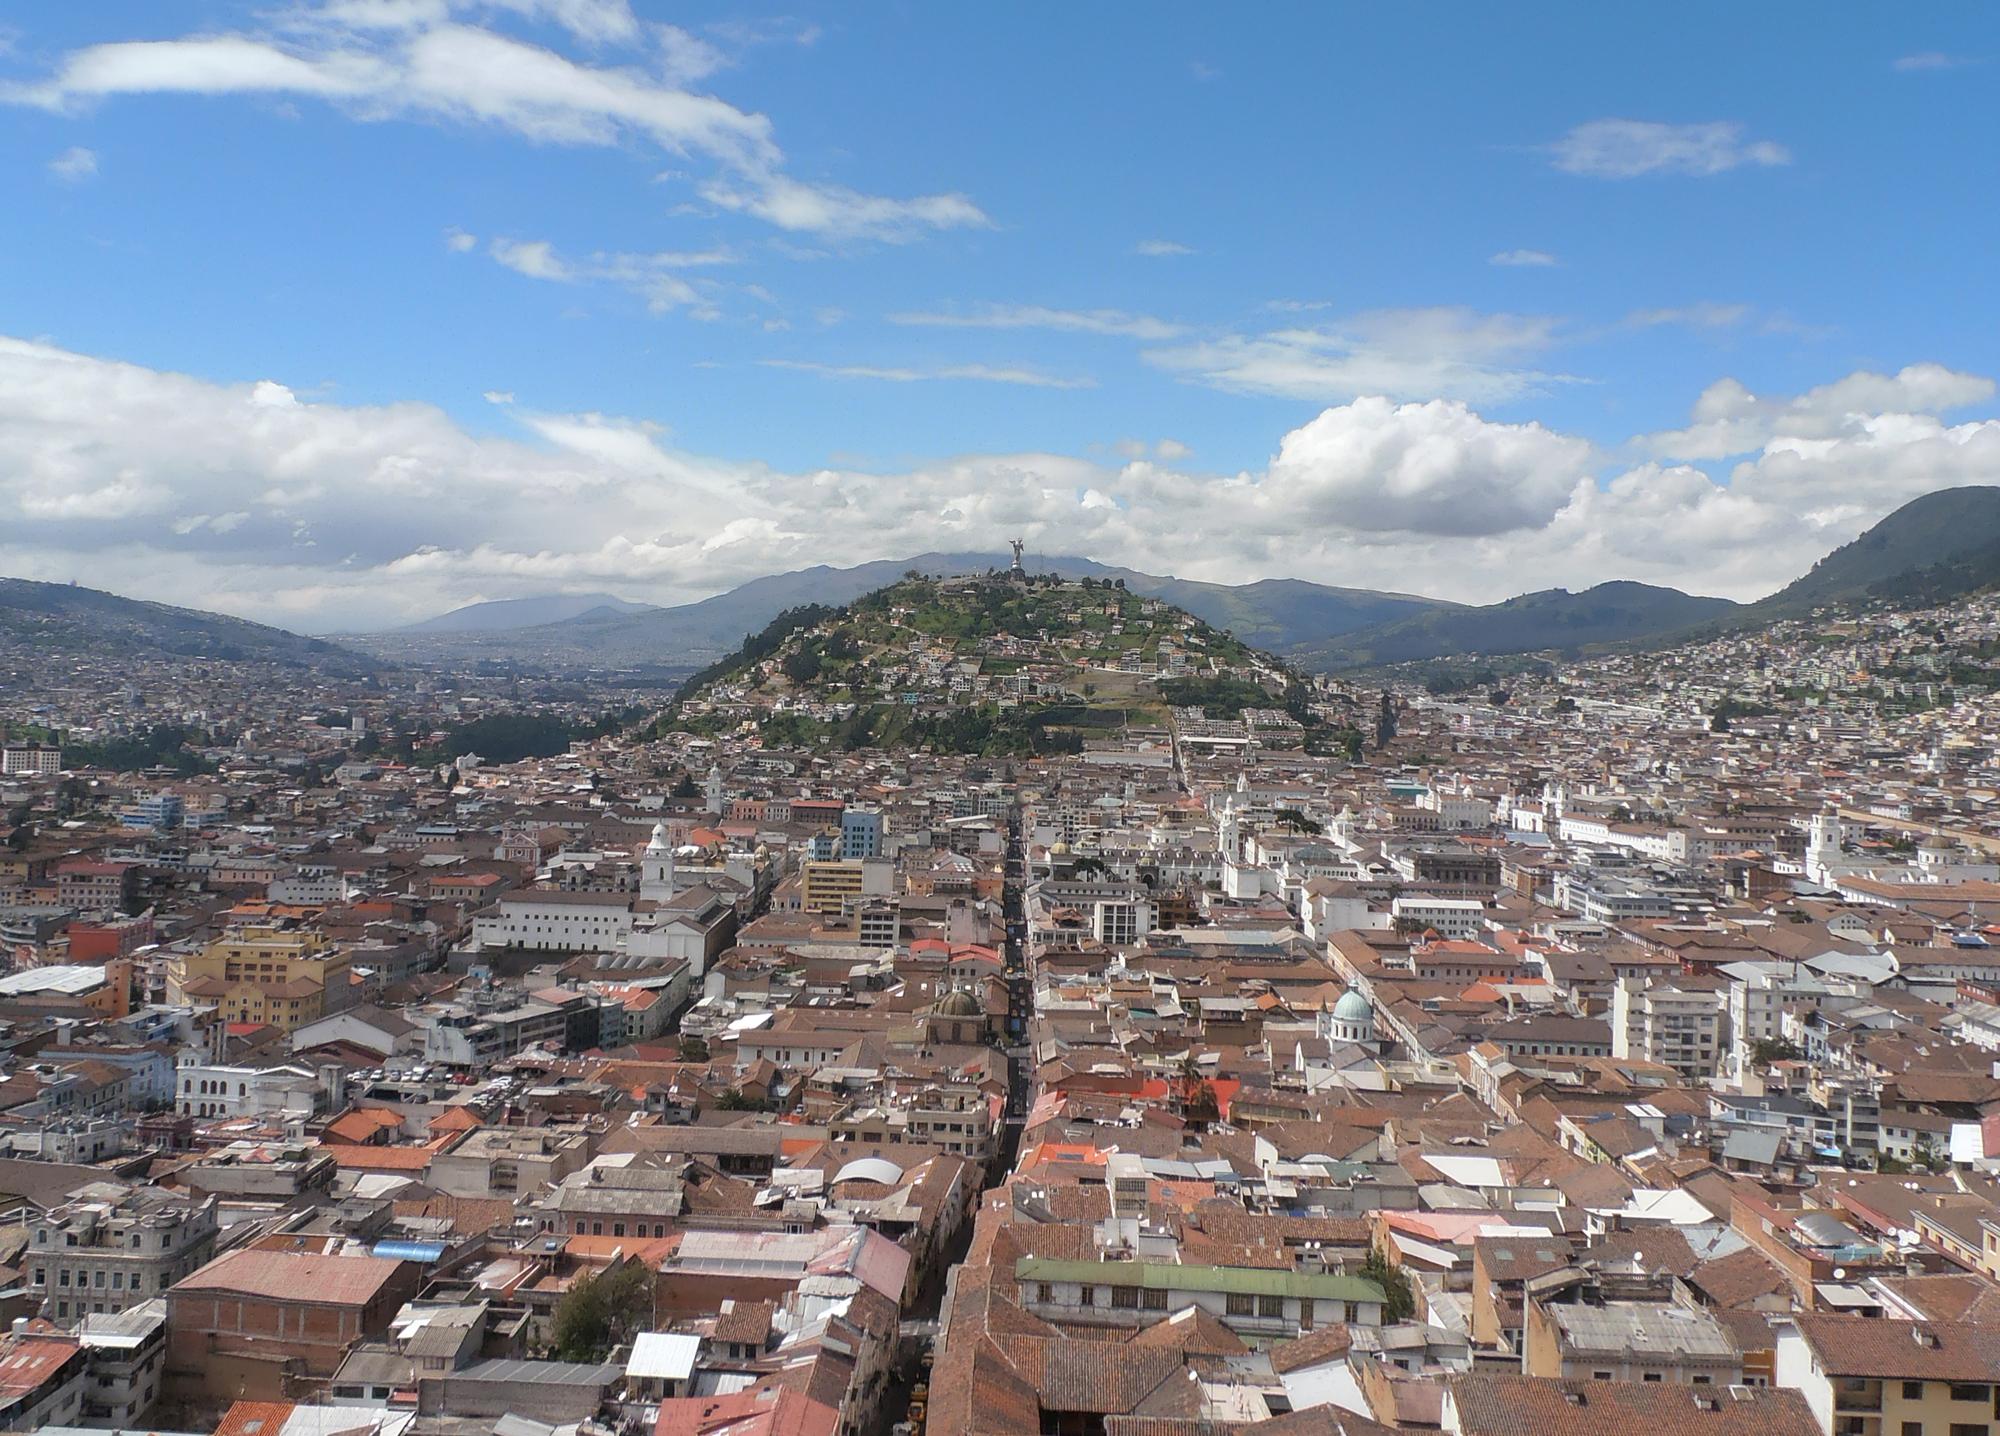 Guia de arquitetura de Quito: 15 lugares que todo arquiteto deveria conhecer